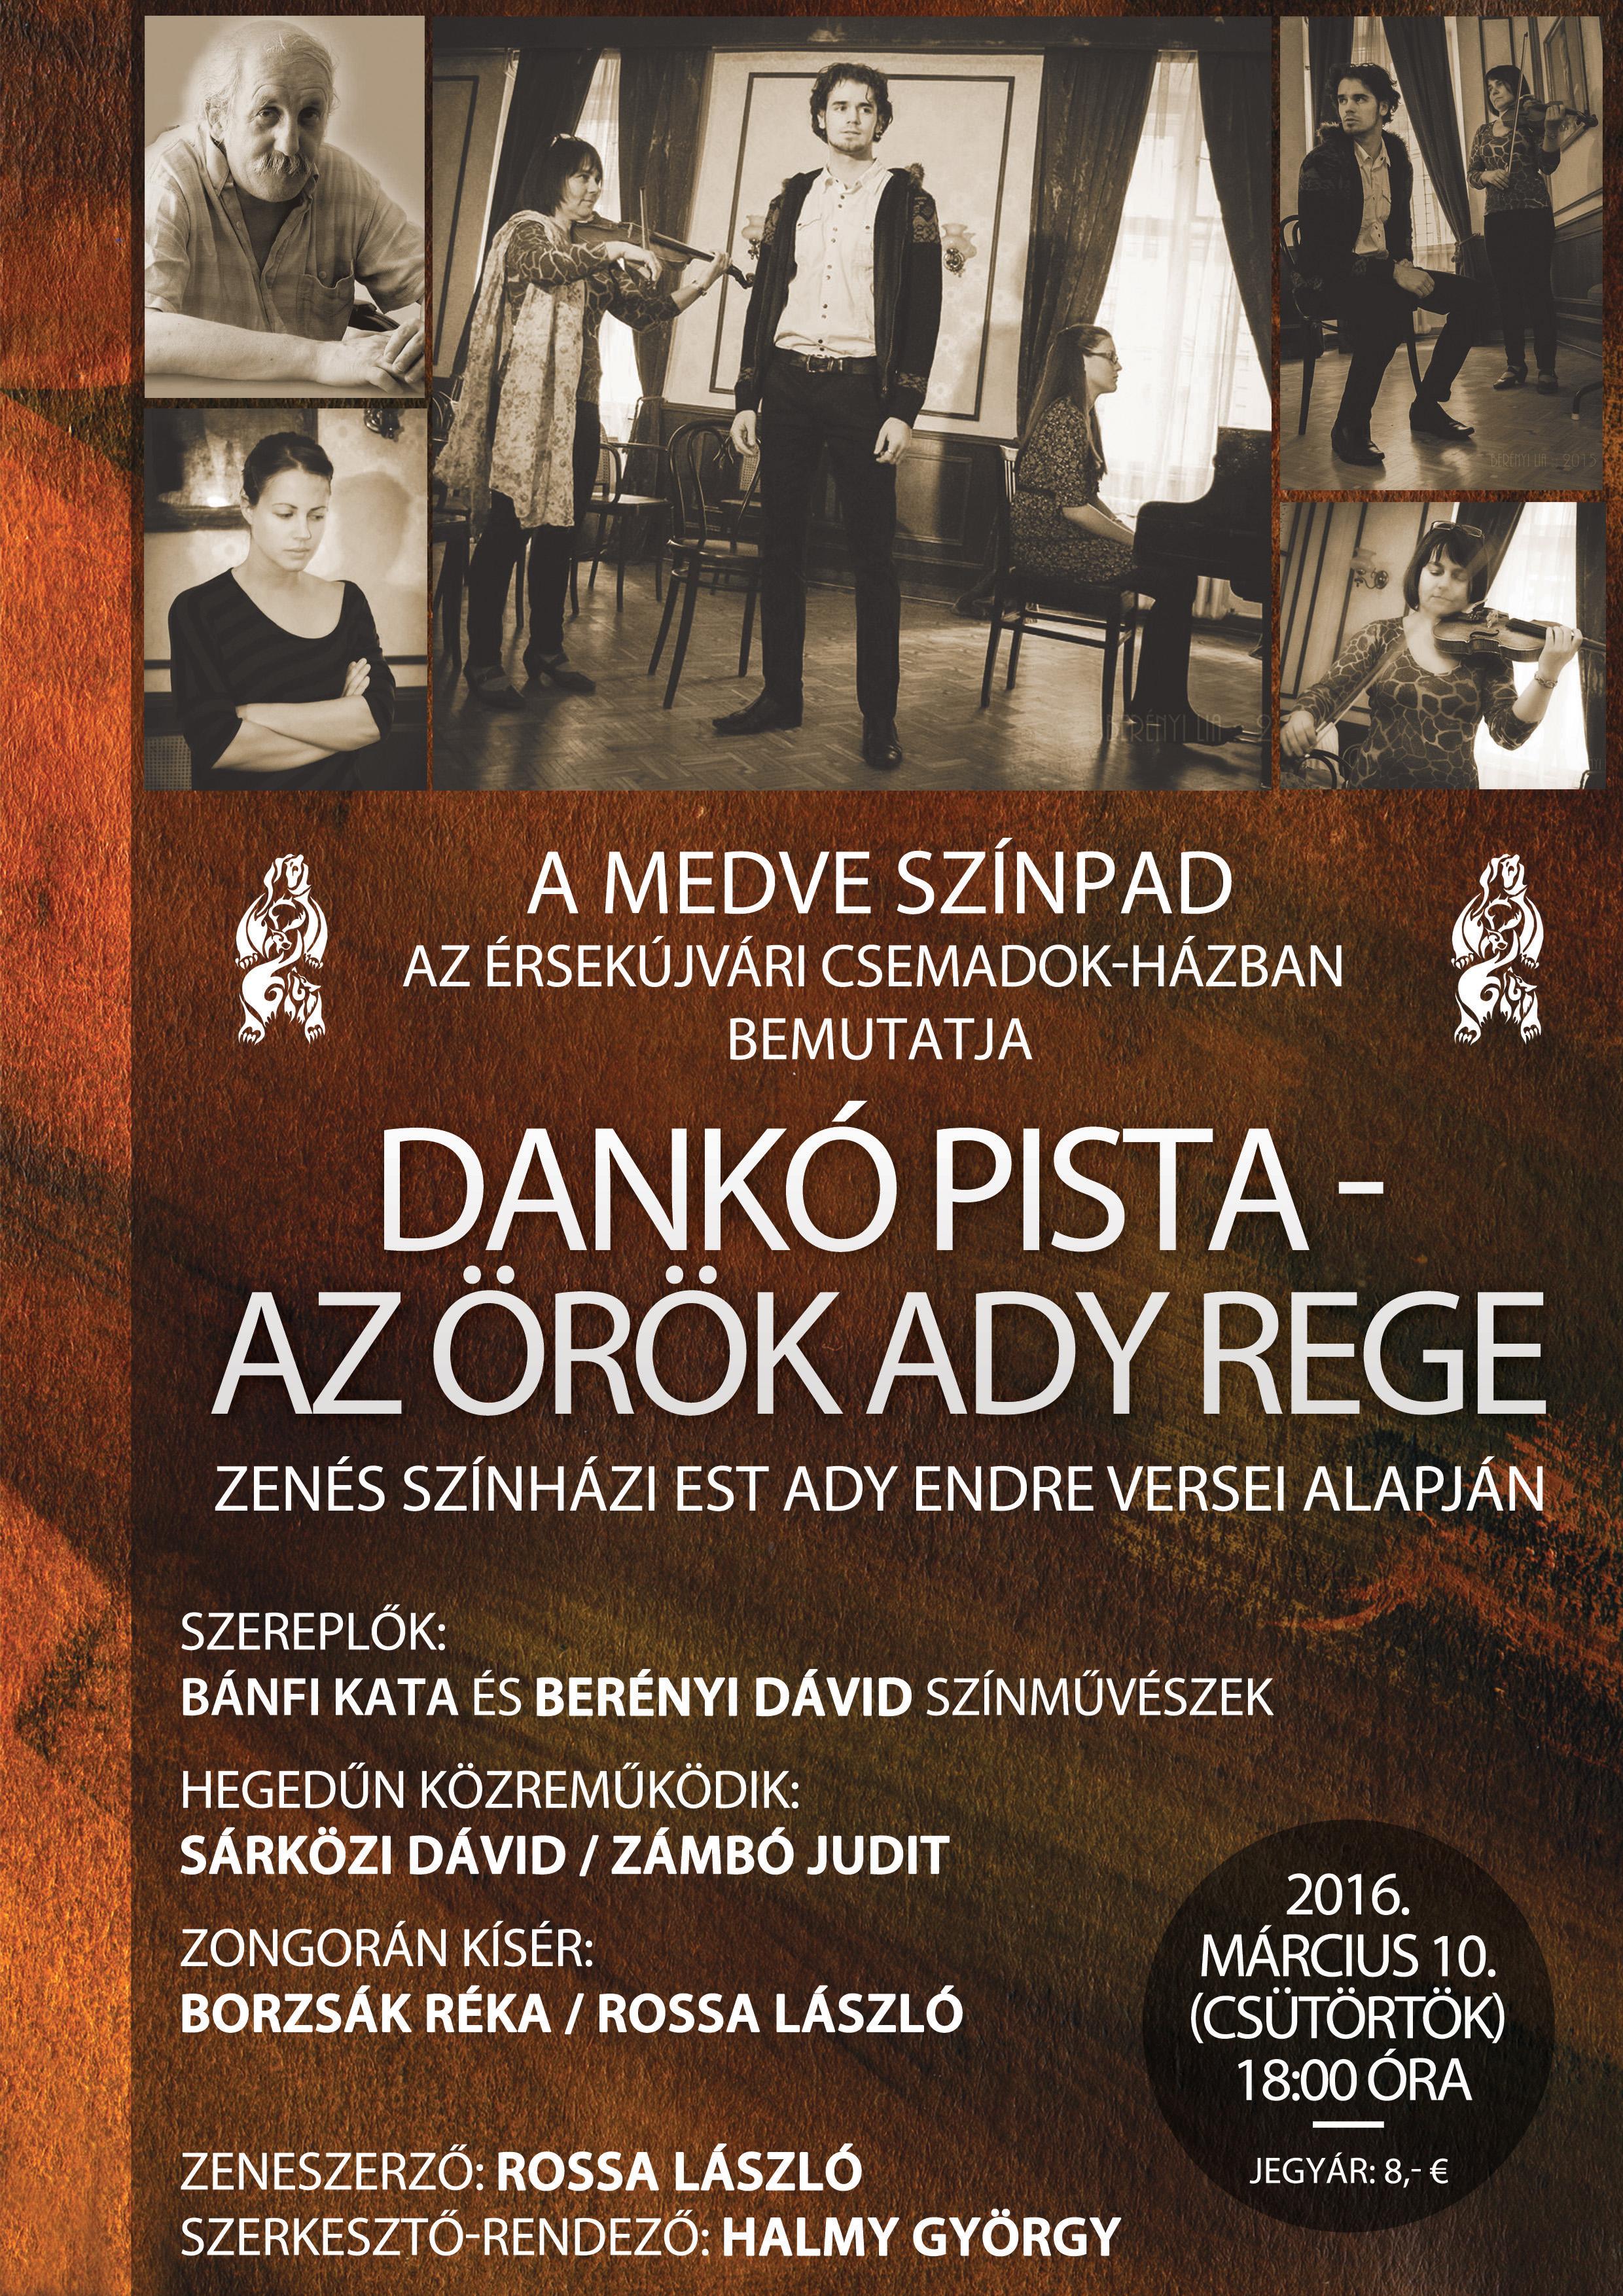 danko_pista_2016